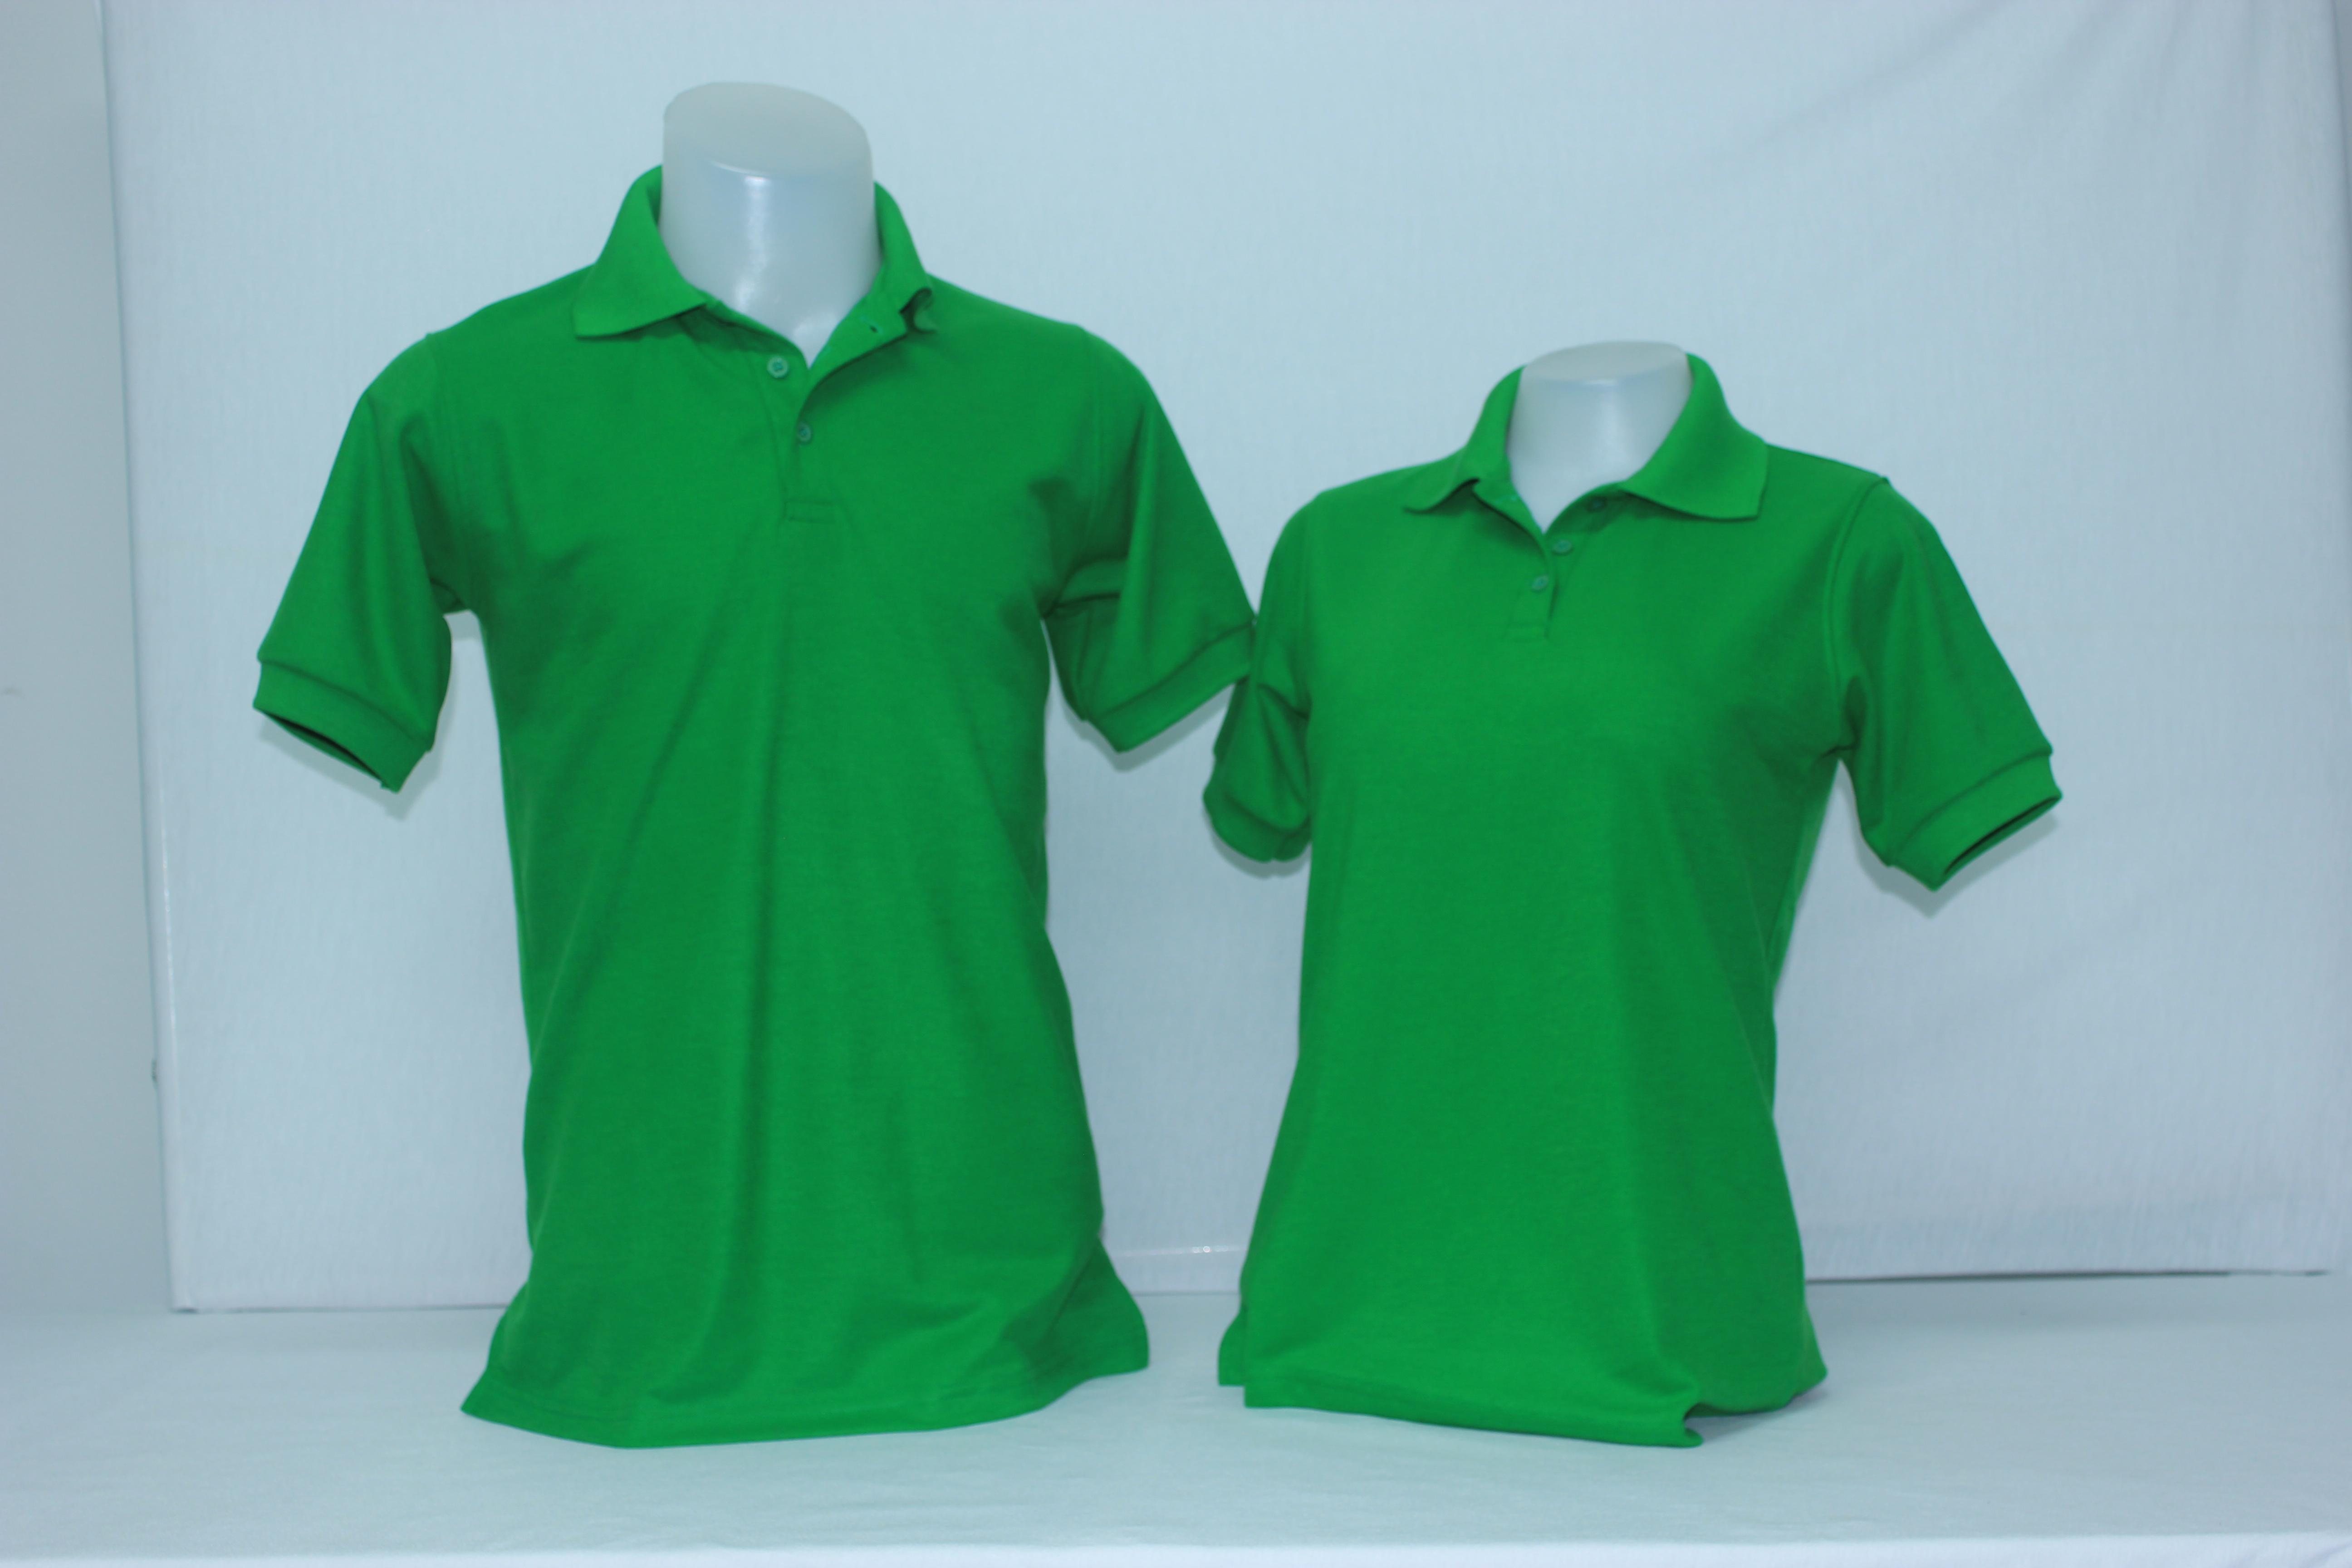 เสื้อโปโลหญิง สีเขียวไมโลเข้ม ไซส์/S/รอบอก36